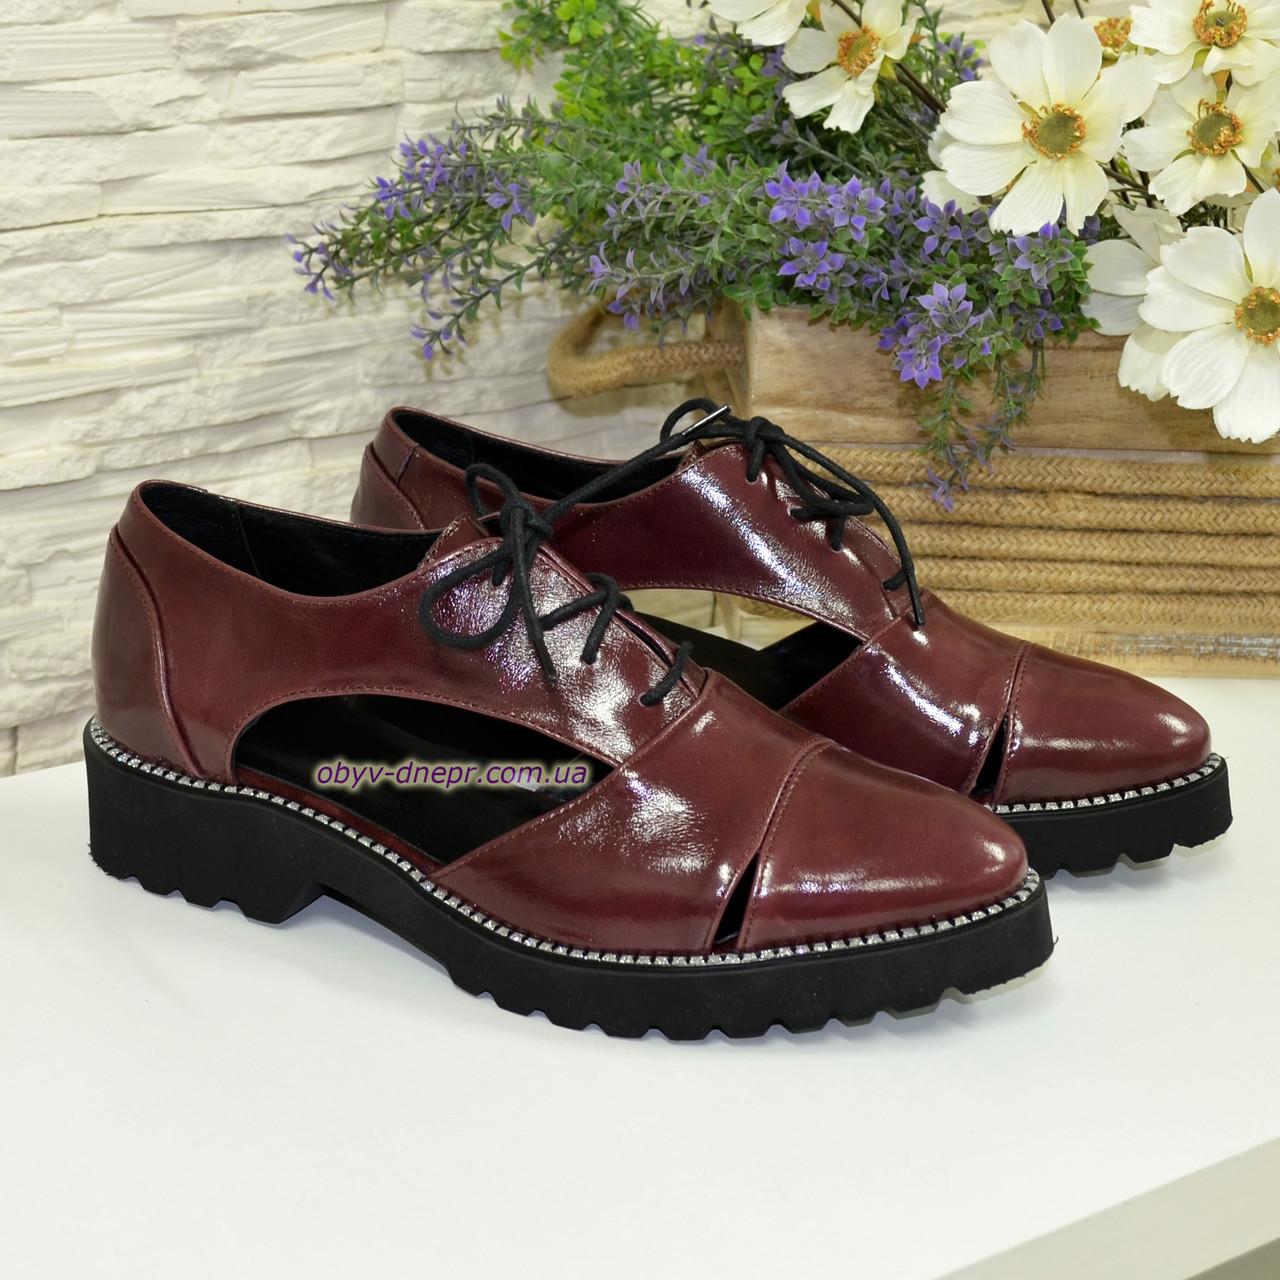 Кожаные туфли женские на утолщенной подошве, цвет бордо